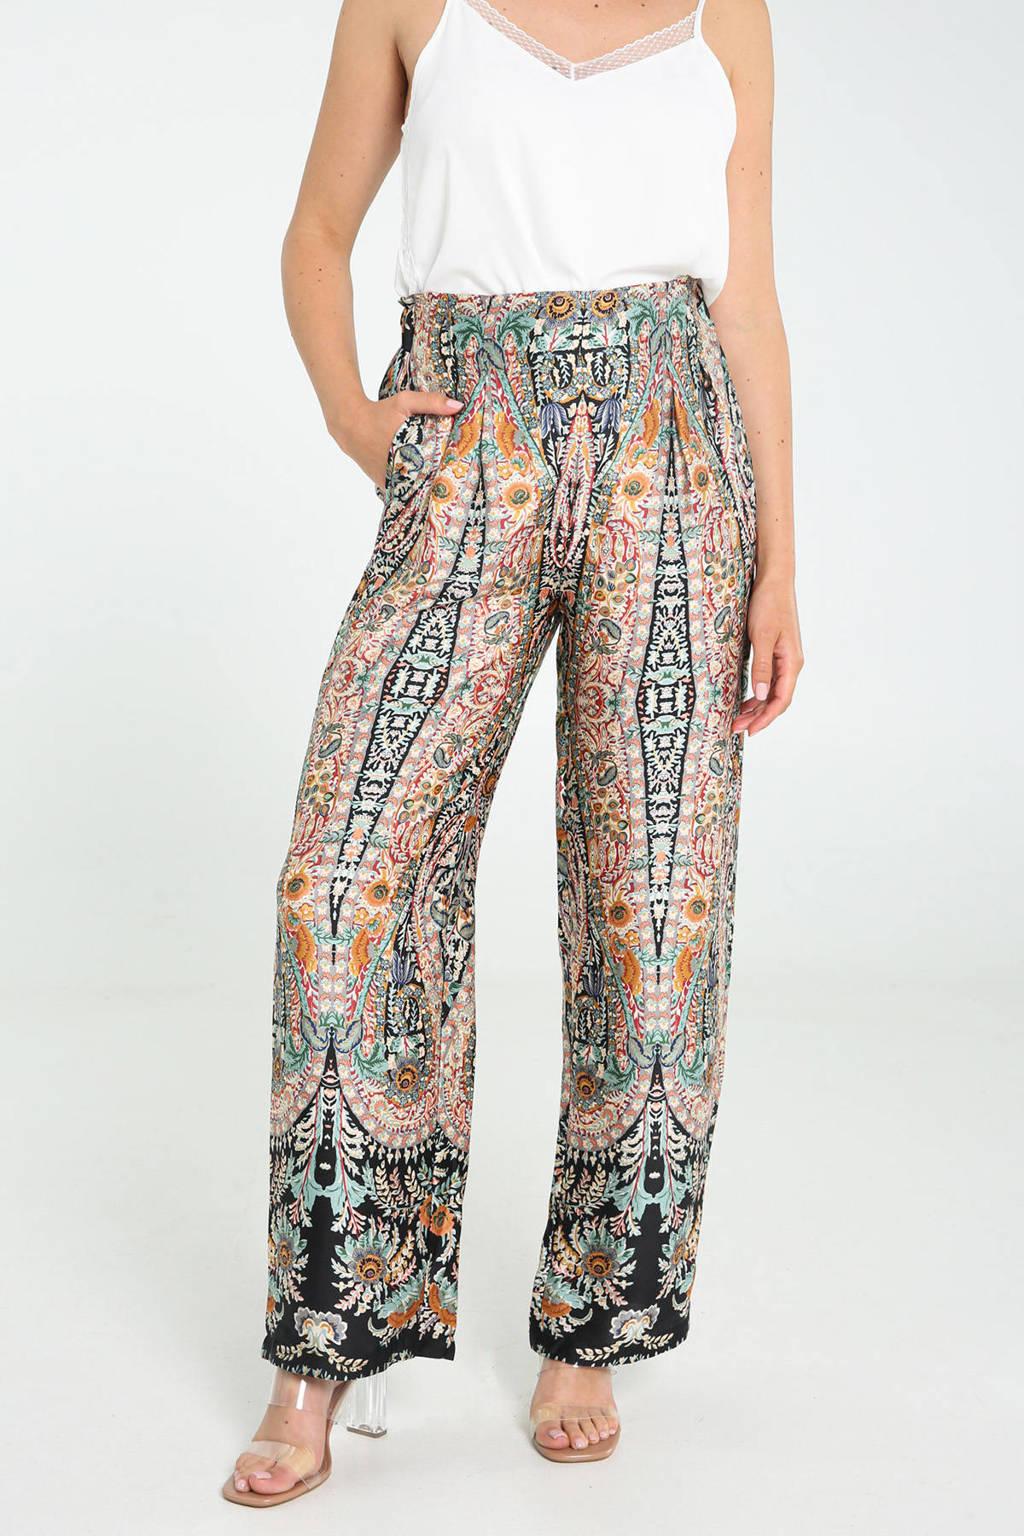 Cassis wide leg palazzo broek met all over print zwart/roze/blauw/oranje, Zwart/roze/blauw/oranje